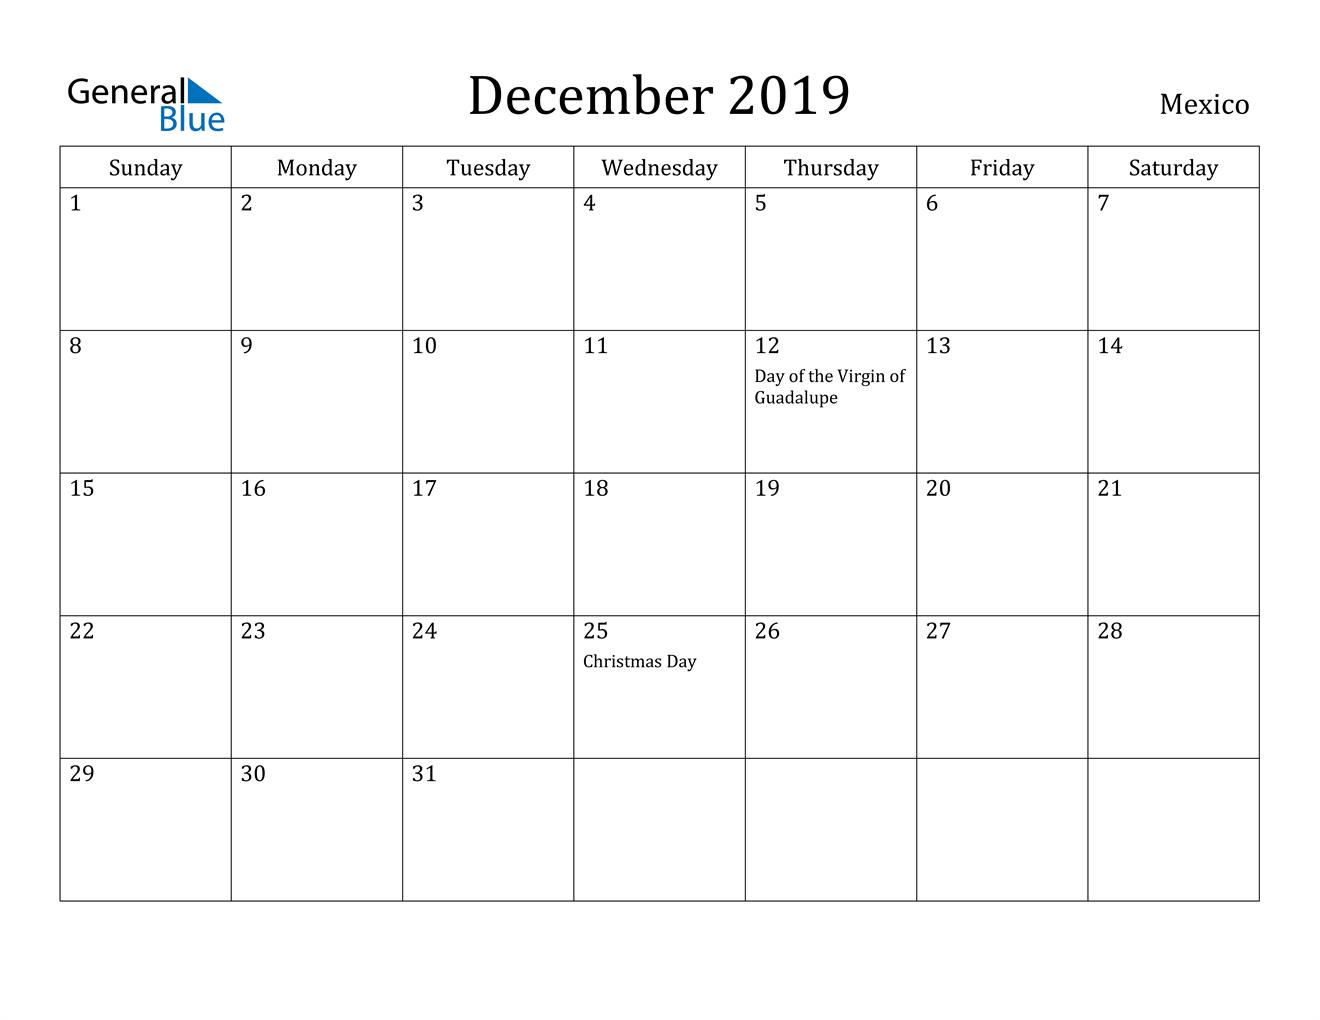 Image of December 2019 Mexico Calendar with Holidays Calendar